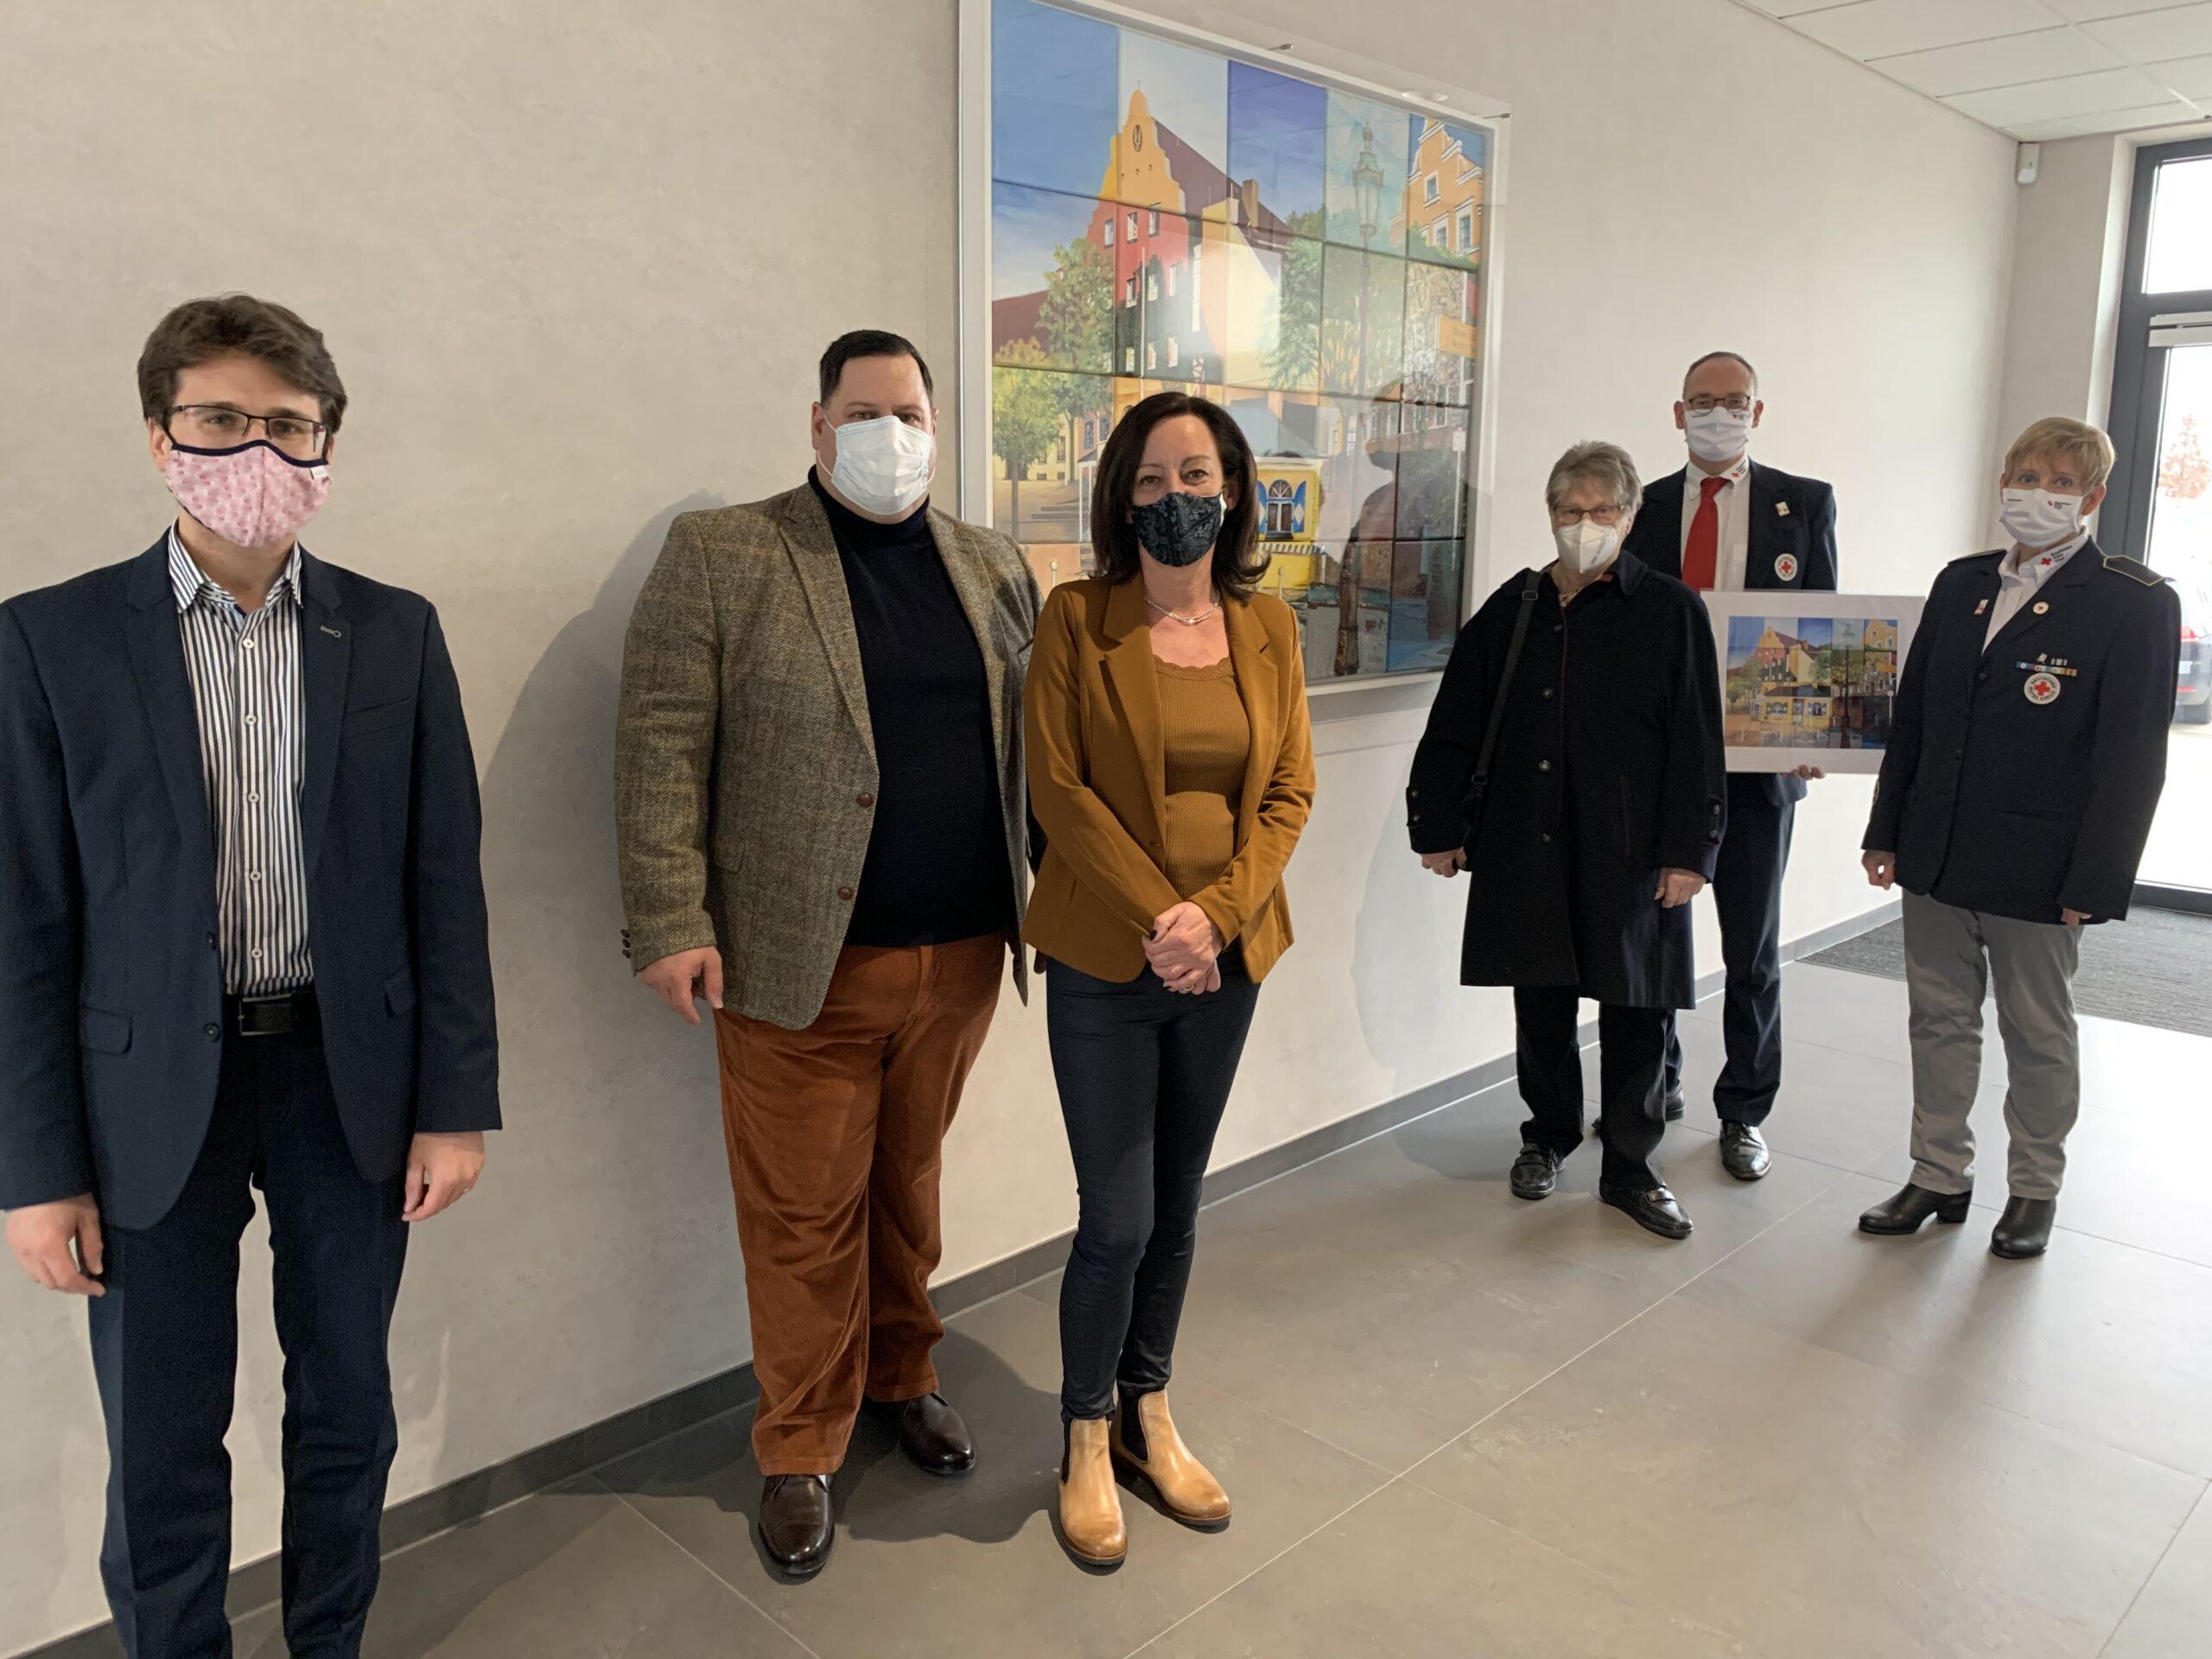 Foto (linke Seite): OB Florian Hartmann, Hans-Wolfgang und Andrea Niedermair. Rechts: Renate Günthner, Bernhard Seidenath und Angelika Gumowski.